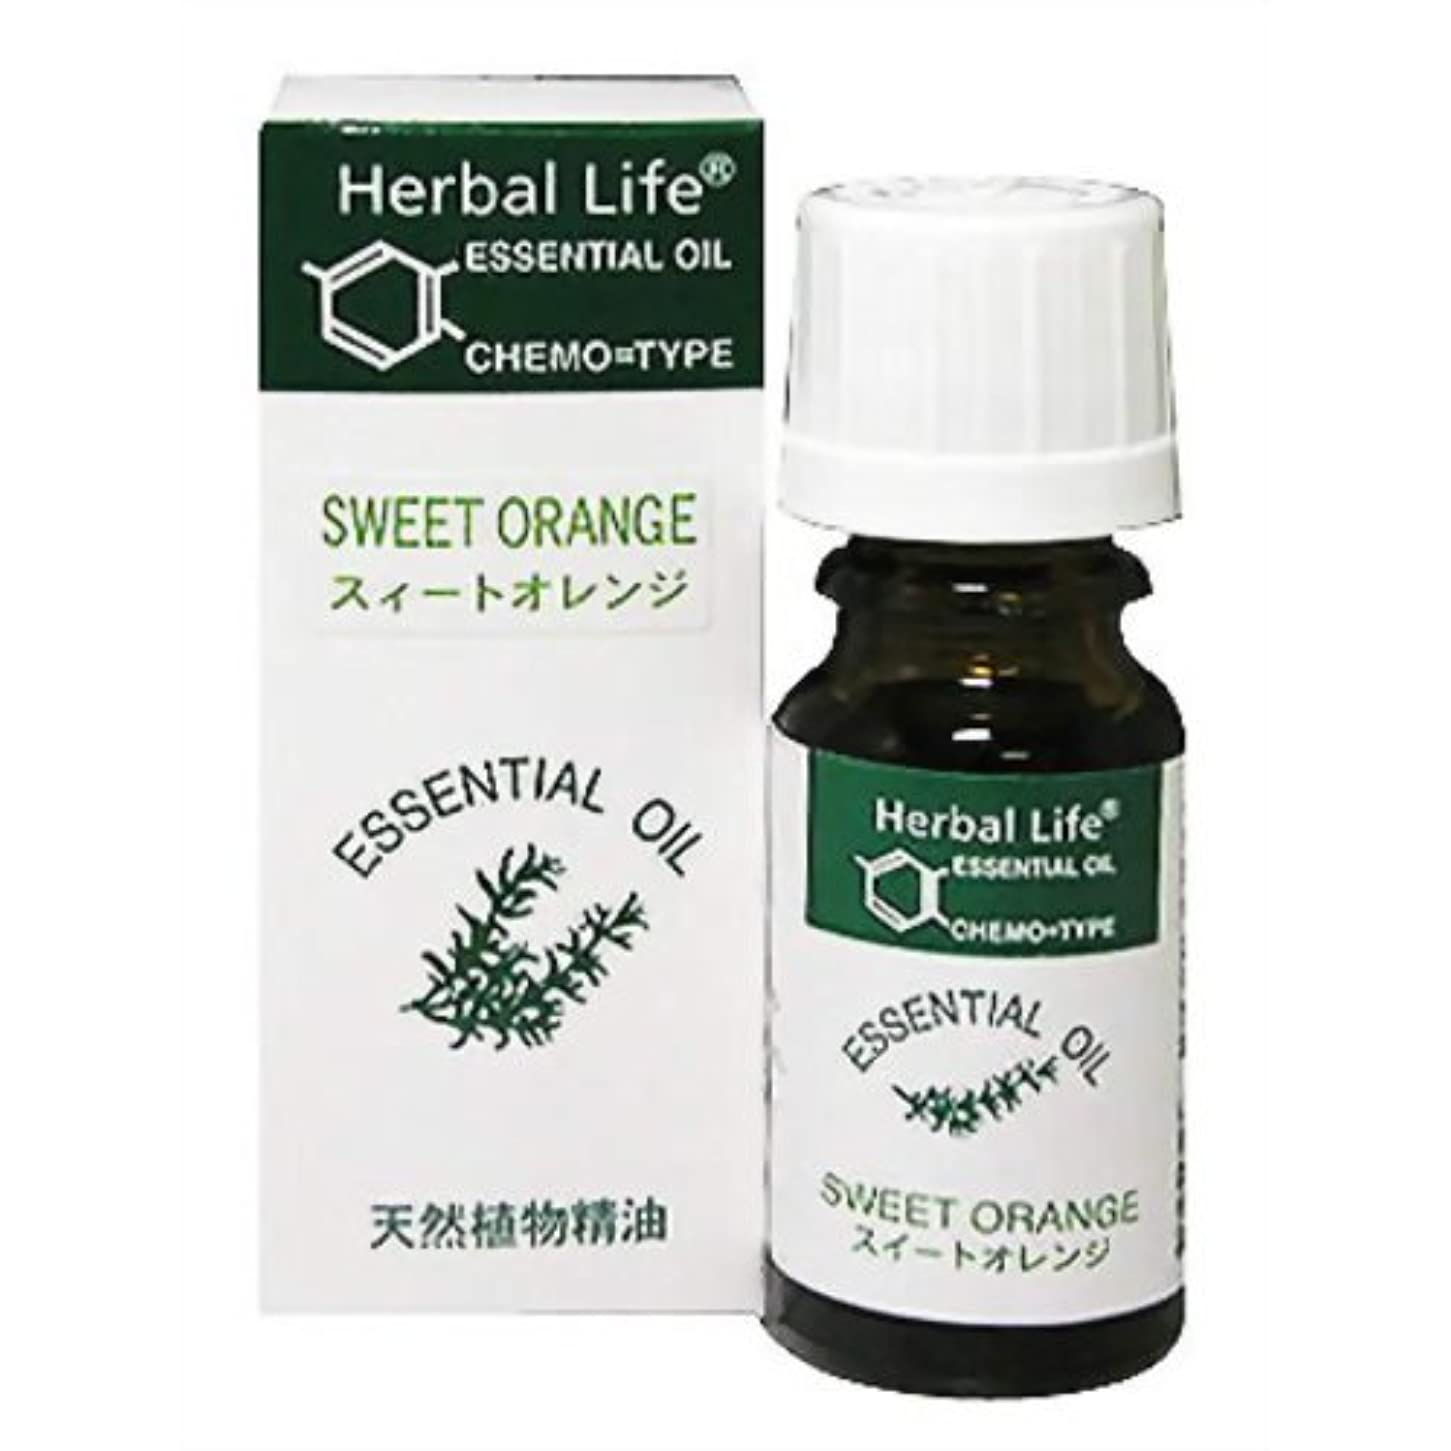 予定来て堀生活の木 Herbal Life スィートオレンジ 10ml